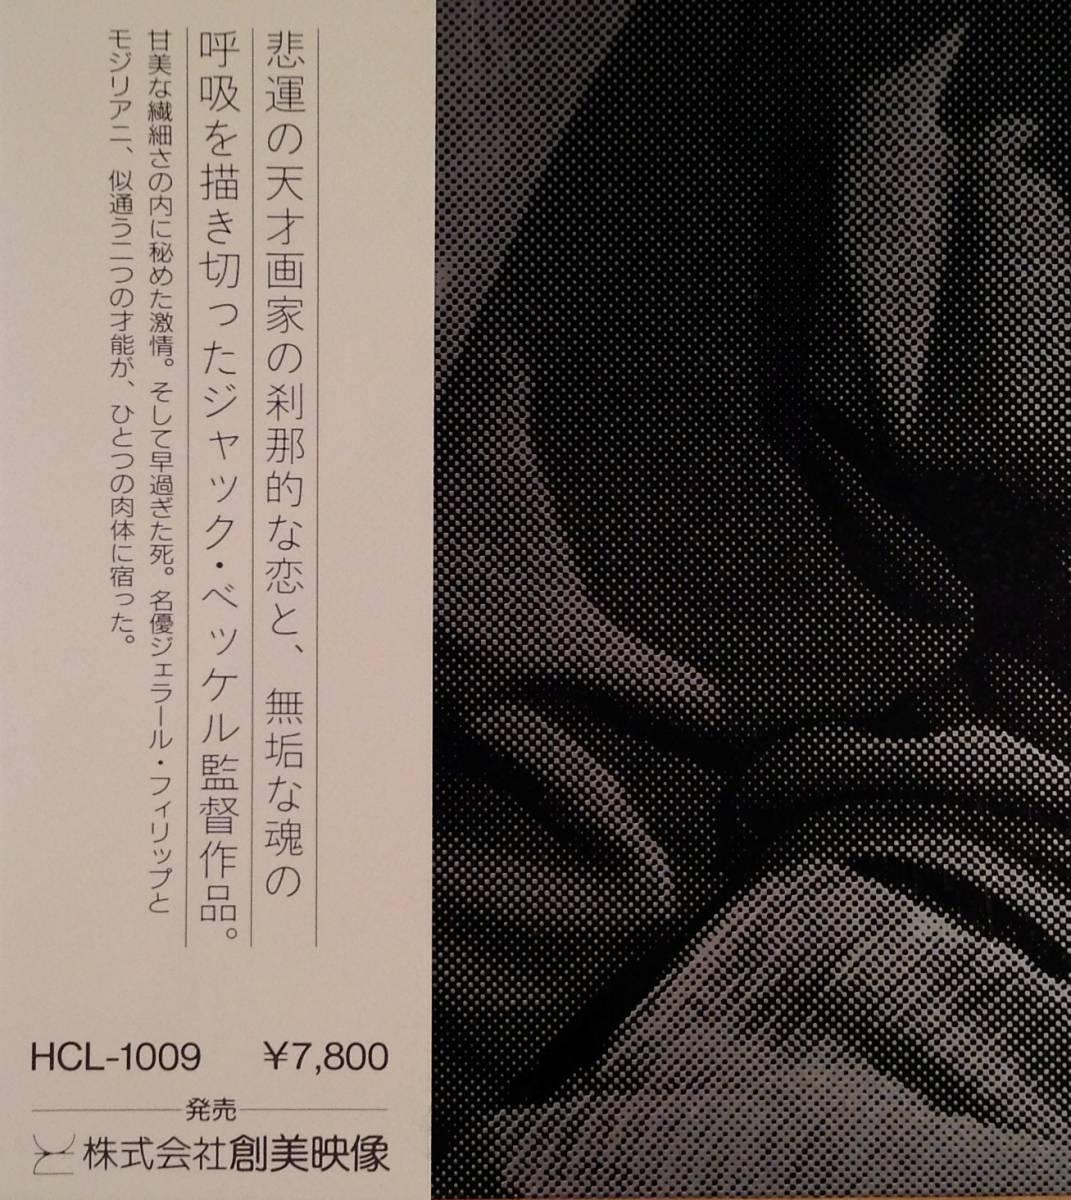 LD(レーザー)■『モンパルナスの灯』ジェラール・フィリップ出演◎フランス映画コレクション■帯付美品!_画像4